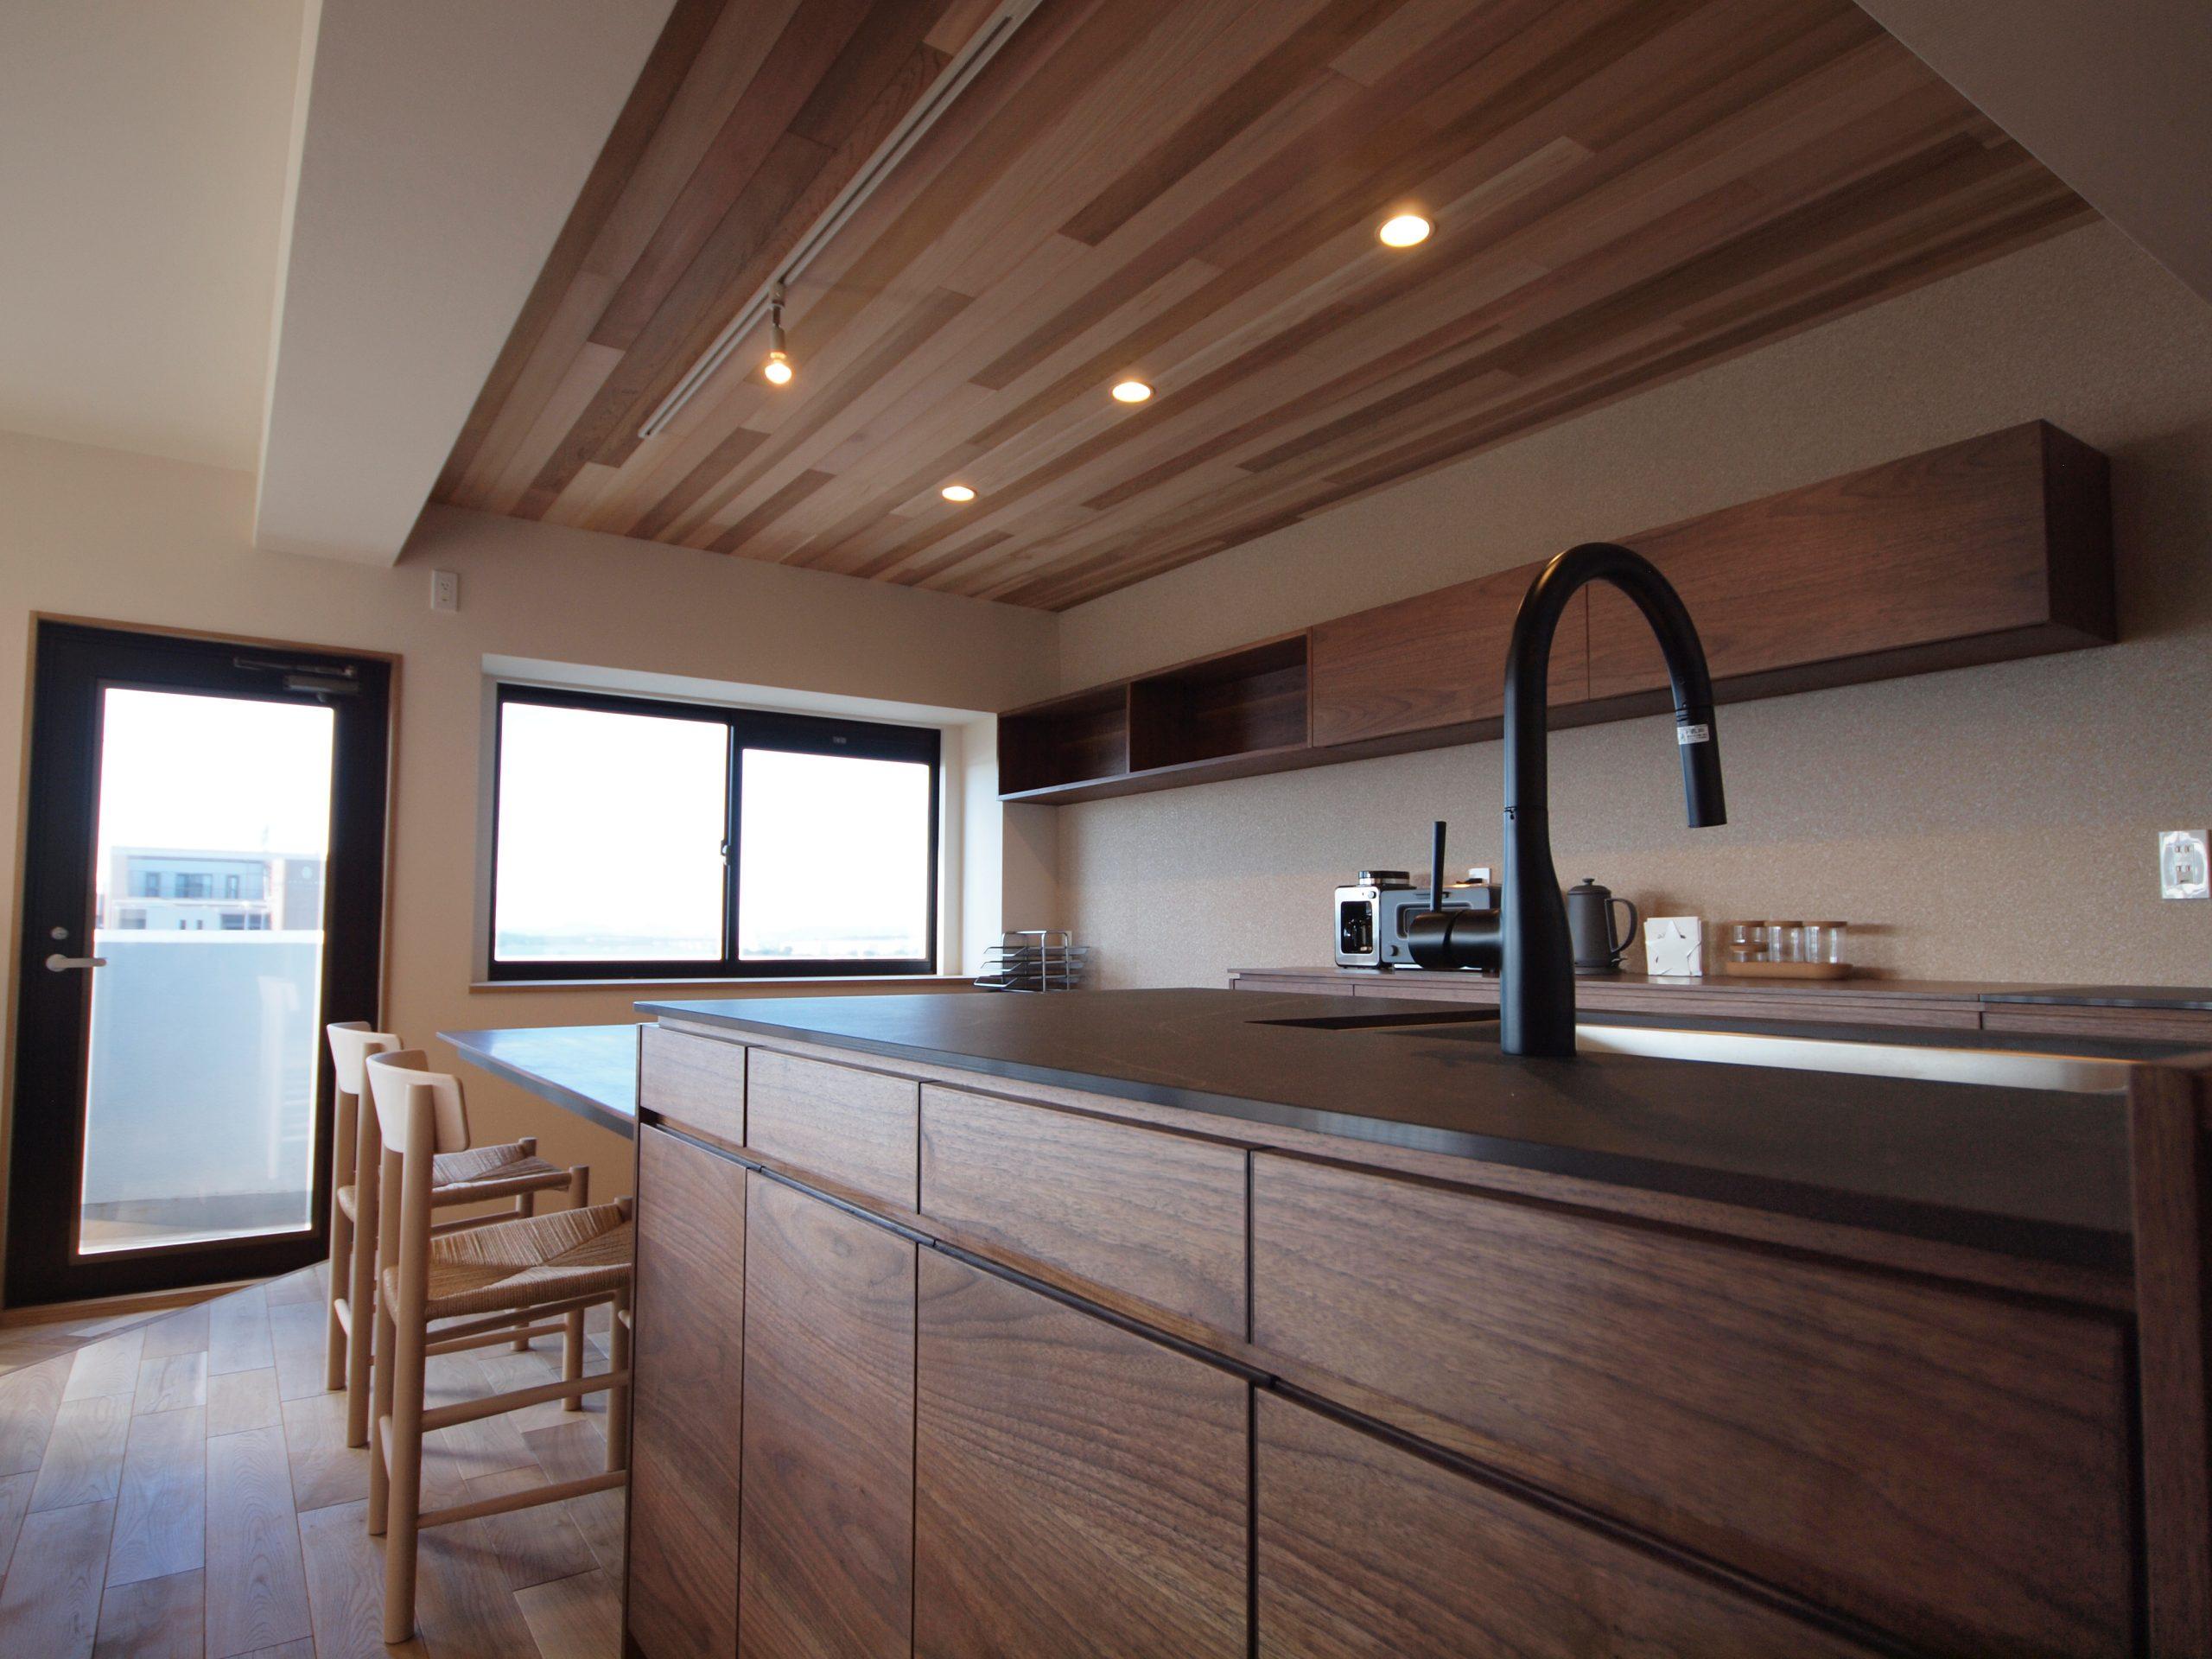 リノベーション施工案件: オーダーメイドキッチン・北欧家具・PB060330 | CRAFT WORKS. | 株式会社CWT | クラフトワークス | 新築、店舗、住宅、マンションのリフォームとリノベーション | Residential renovation | 福岡県北九州市